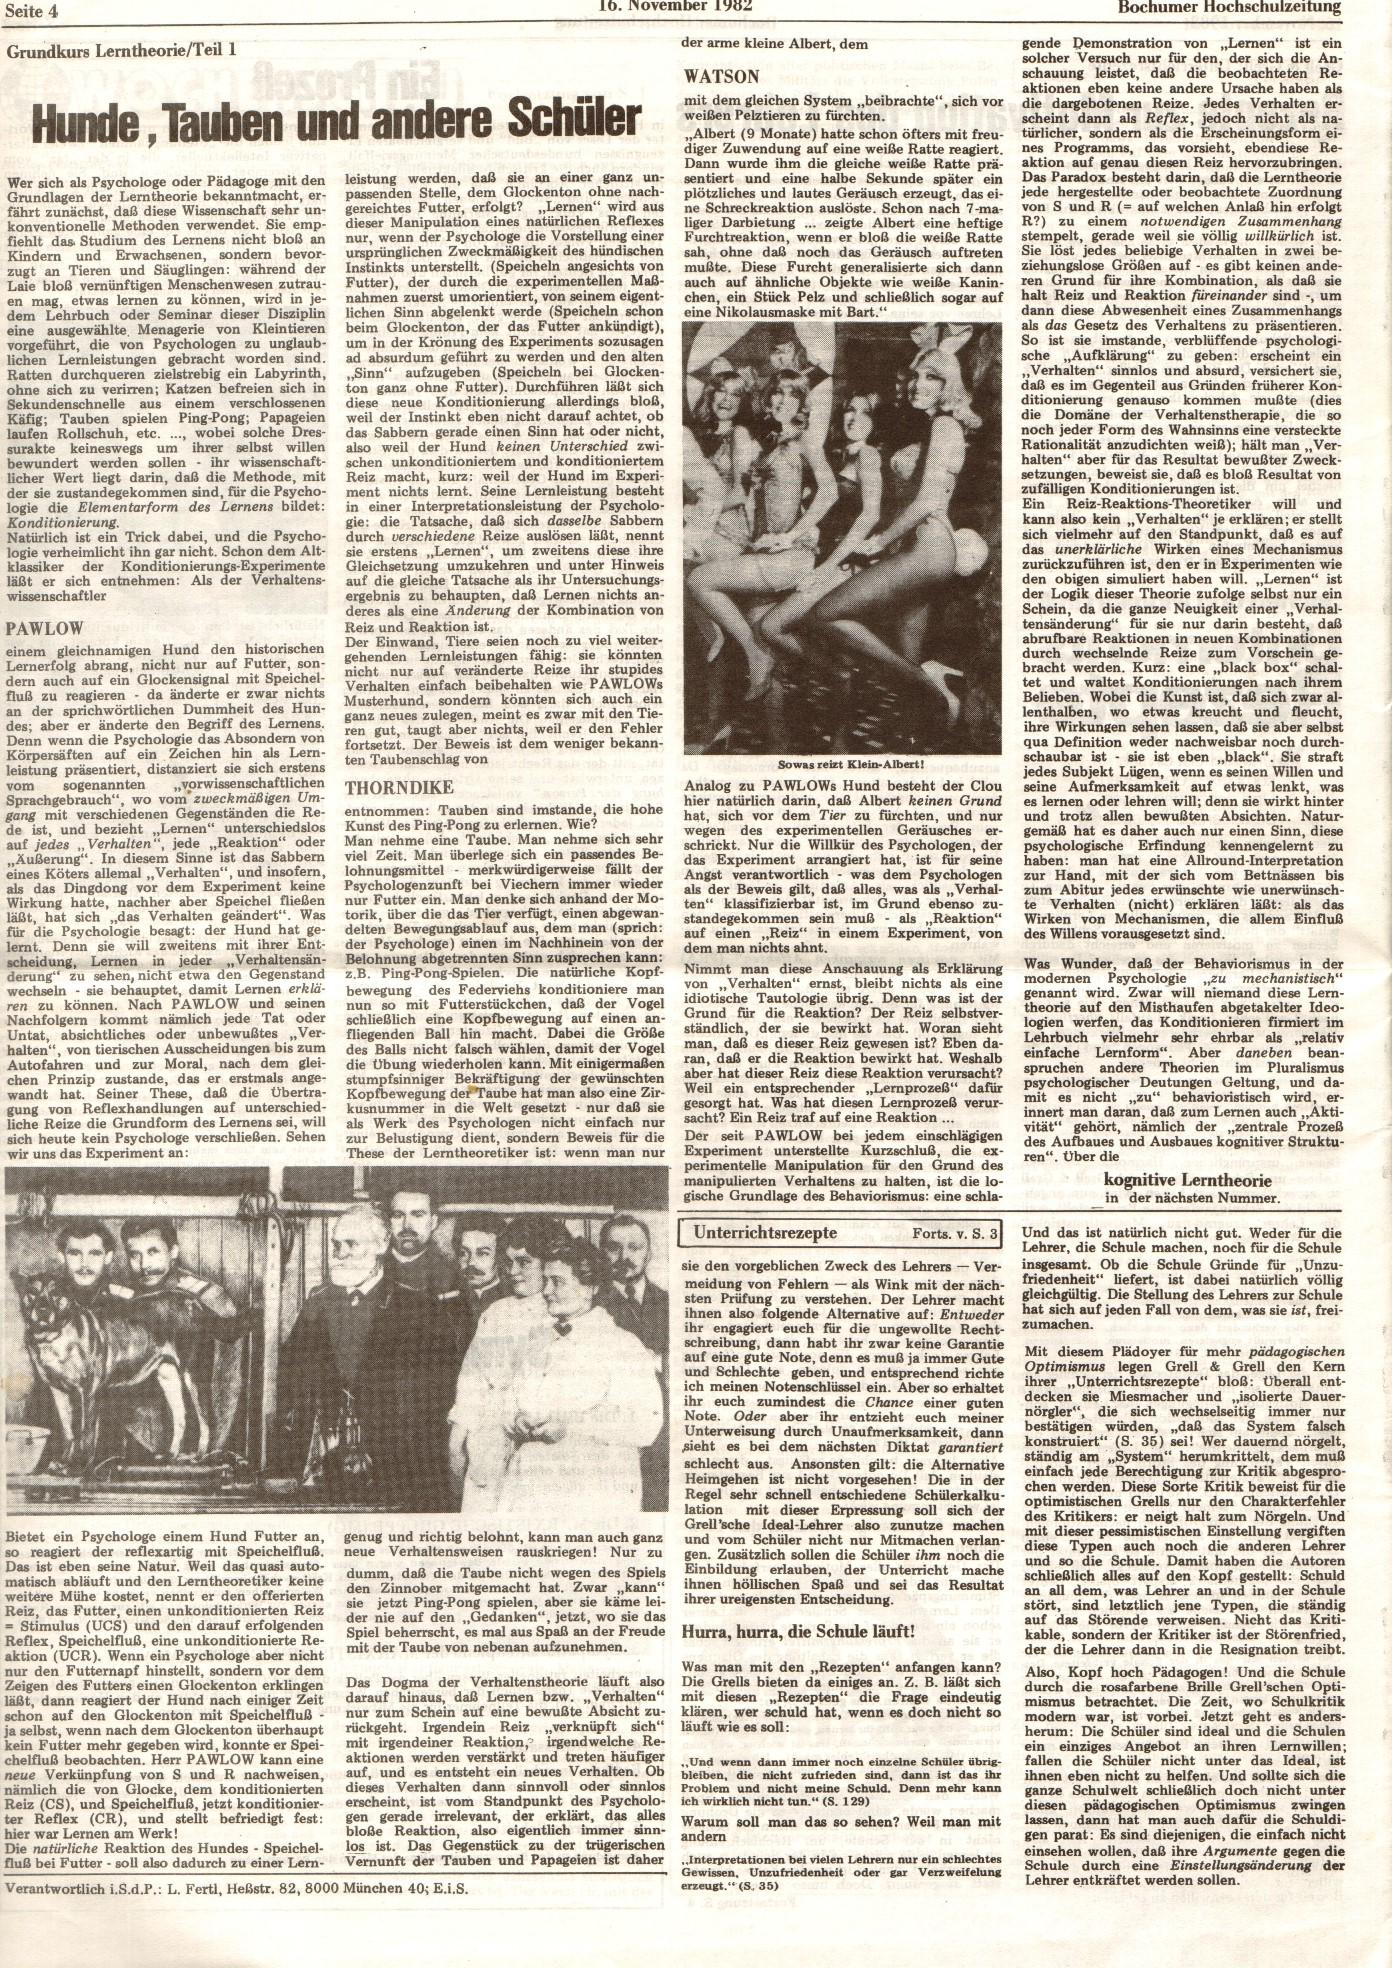 MG_Bochumer_Hochschulzeitung_19821116_04